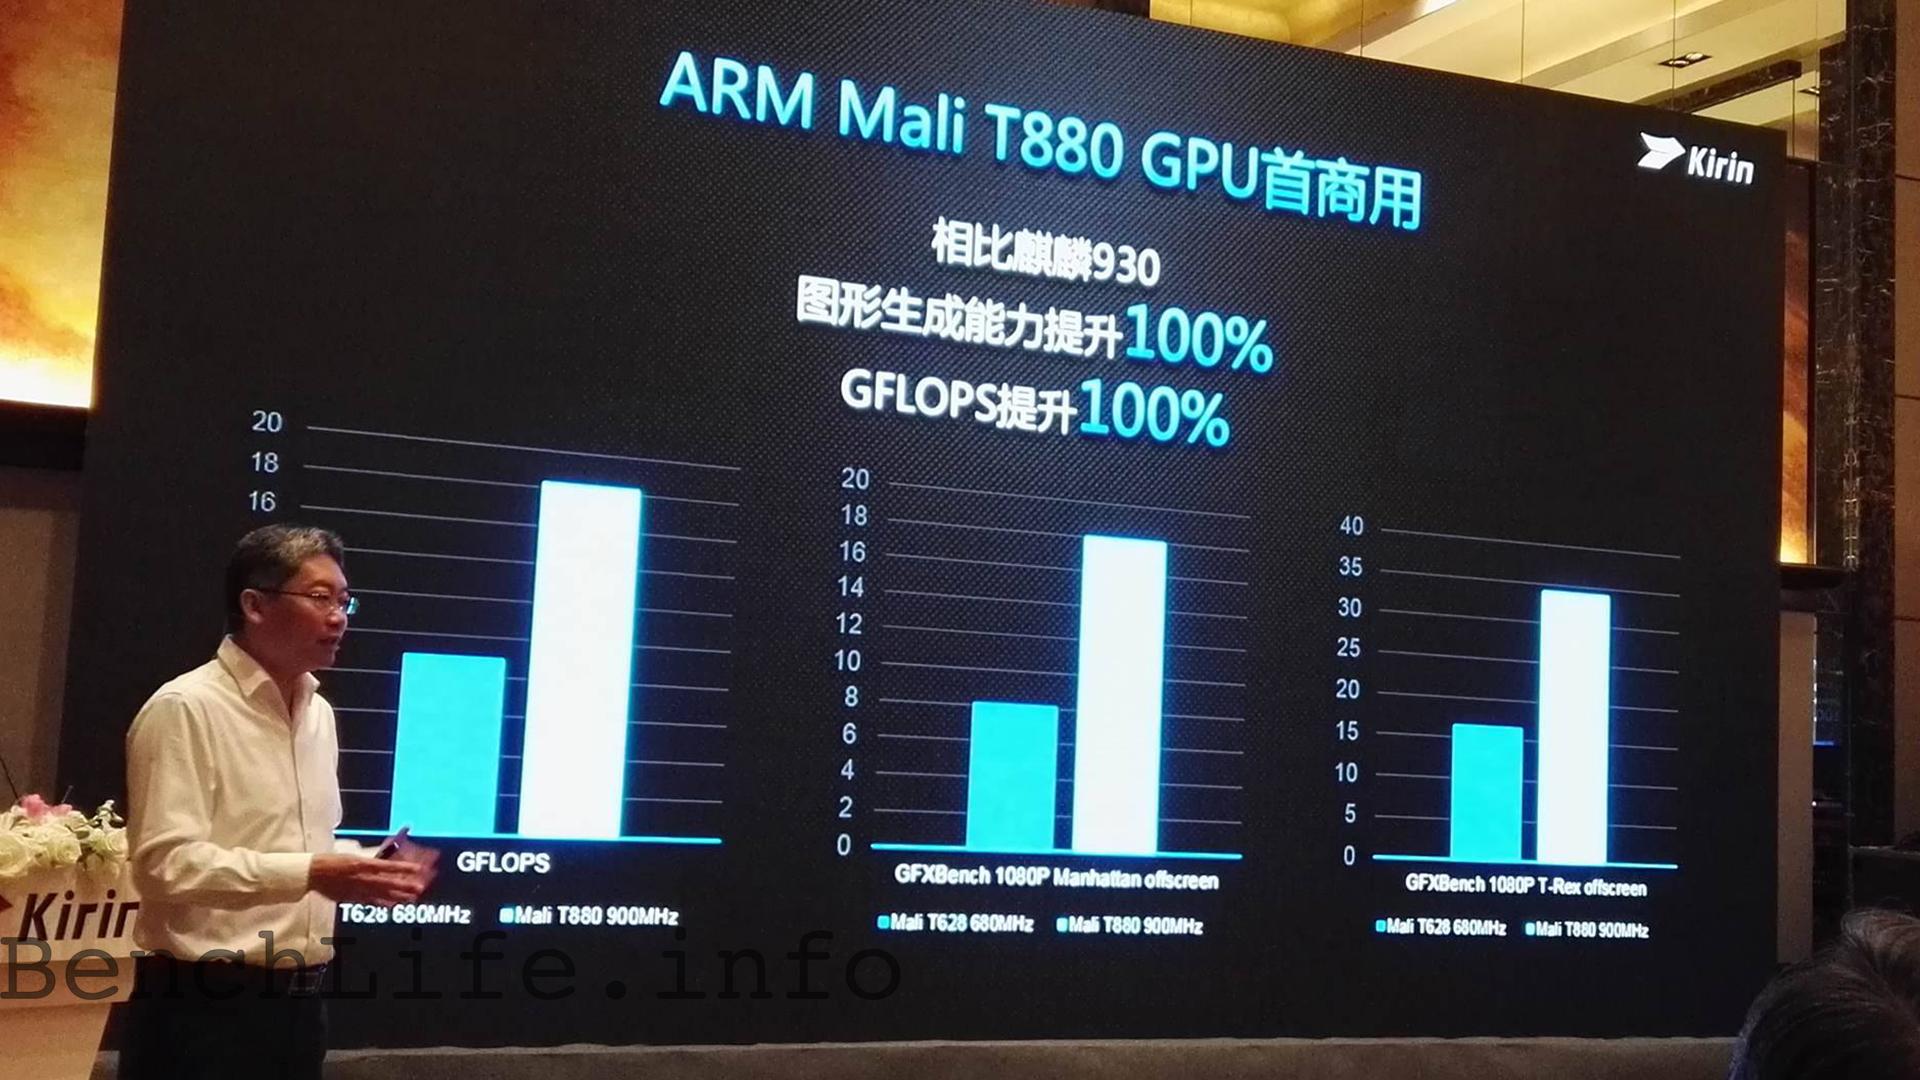 ARM Mali-T880 MP4 與16nm FinFET+ 製程,Huawei Kirin 950 來了  Qooah